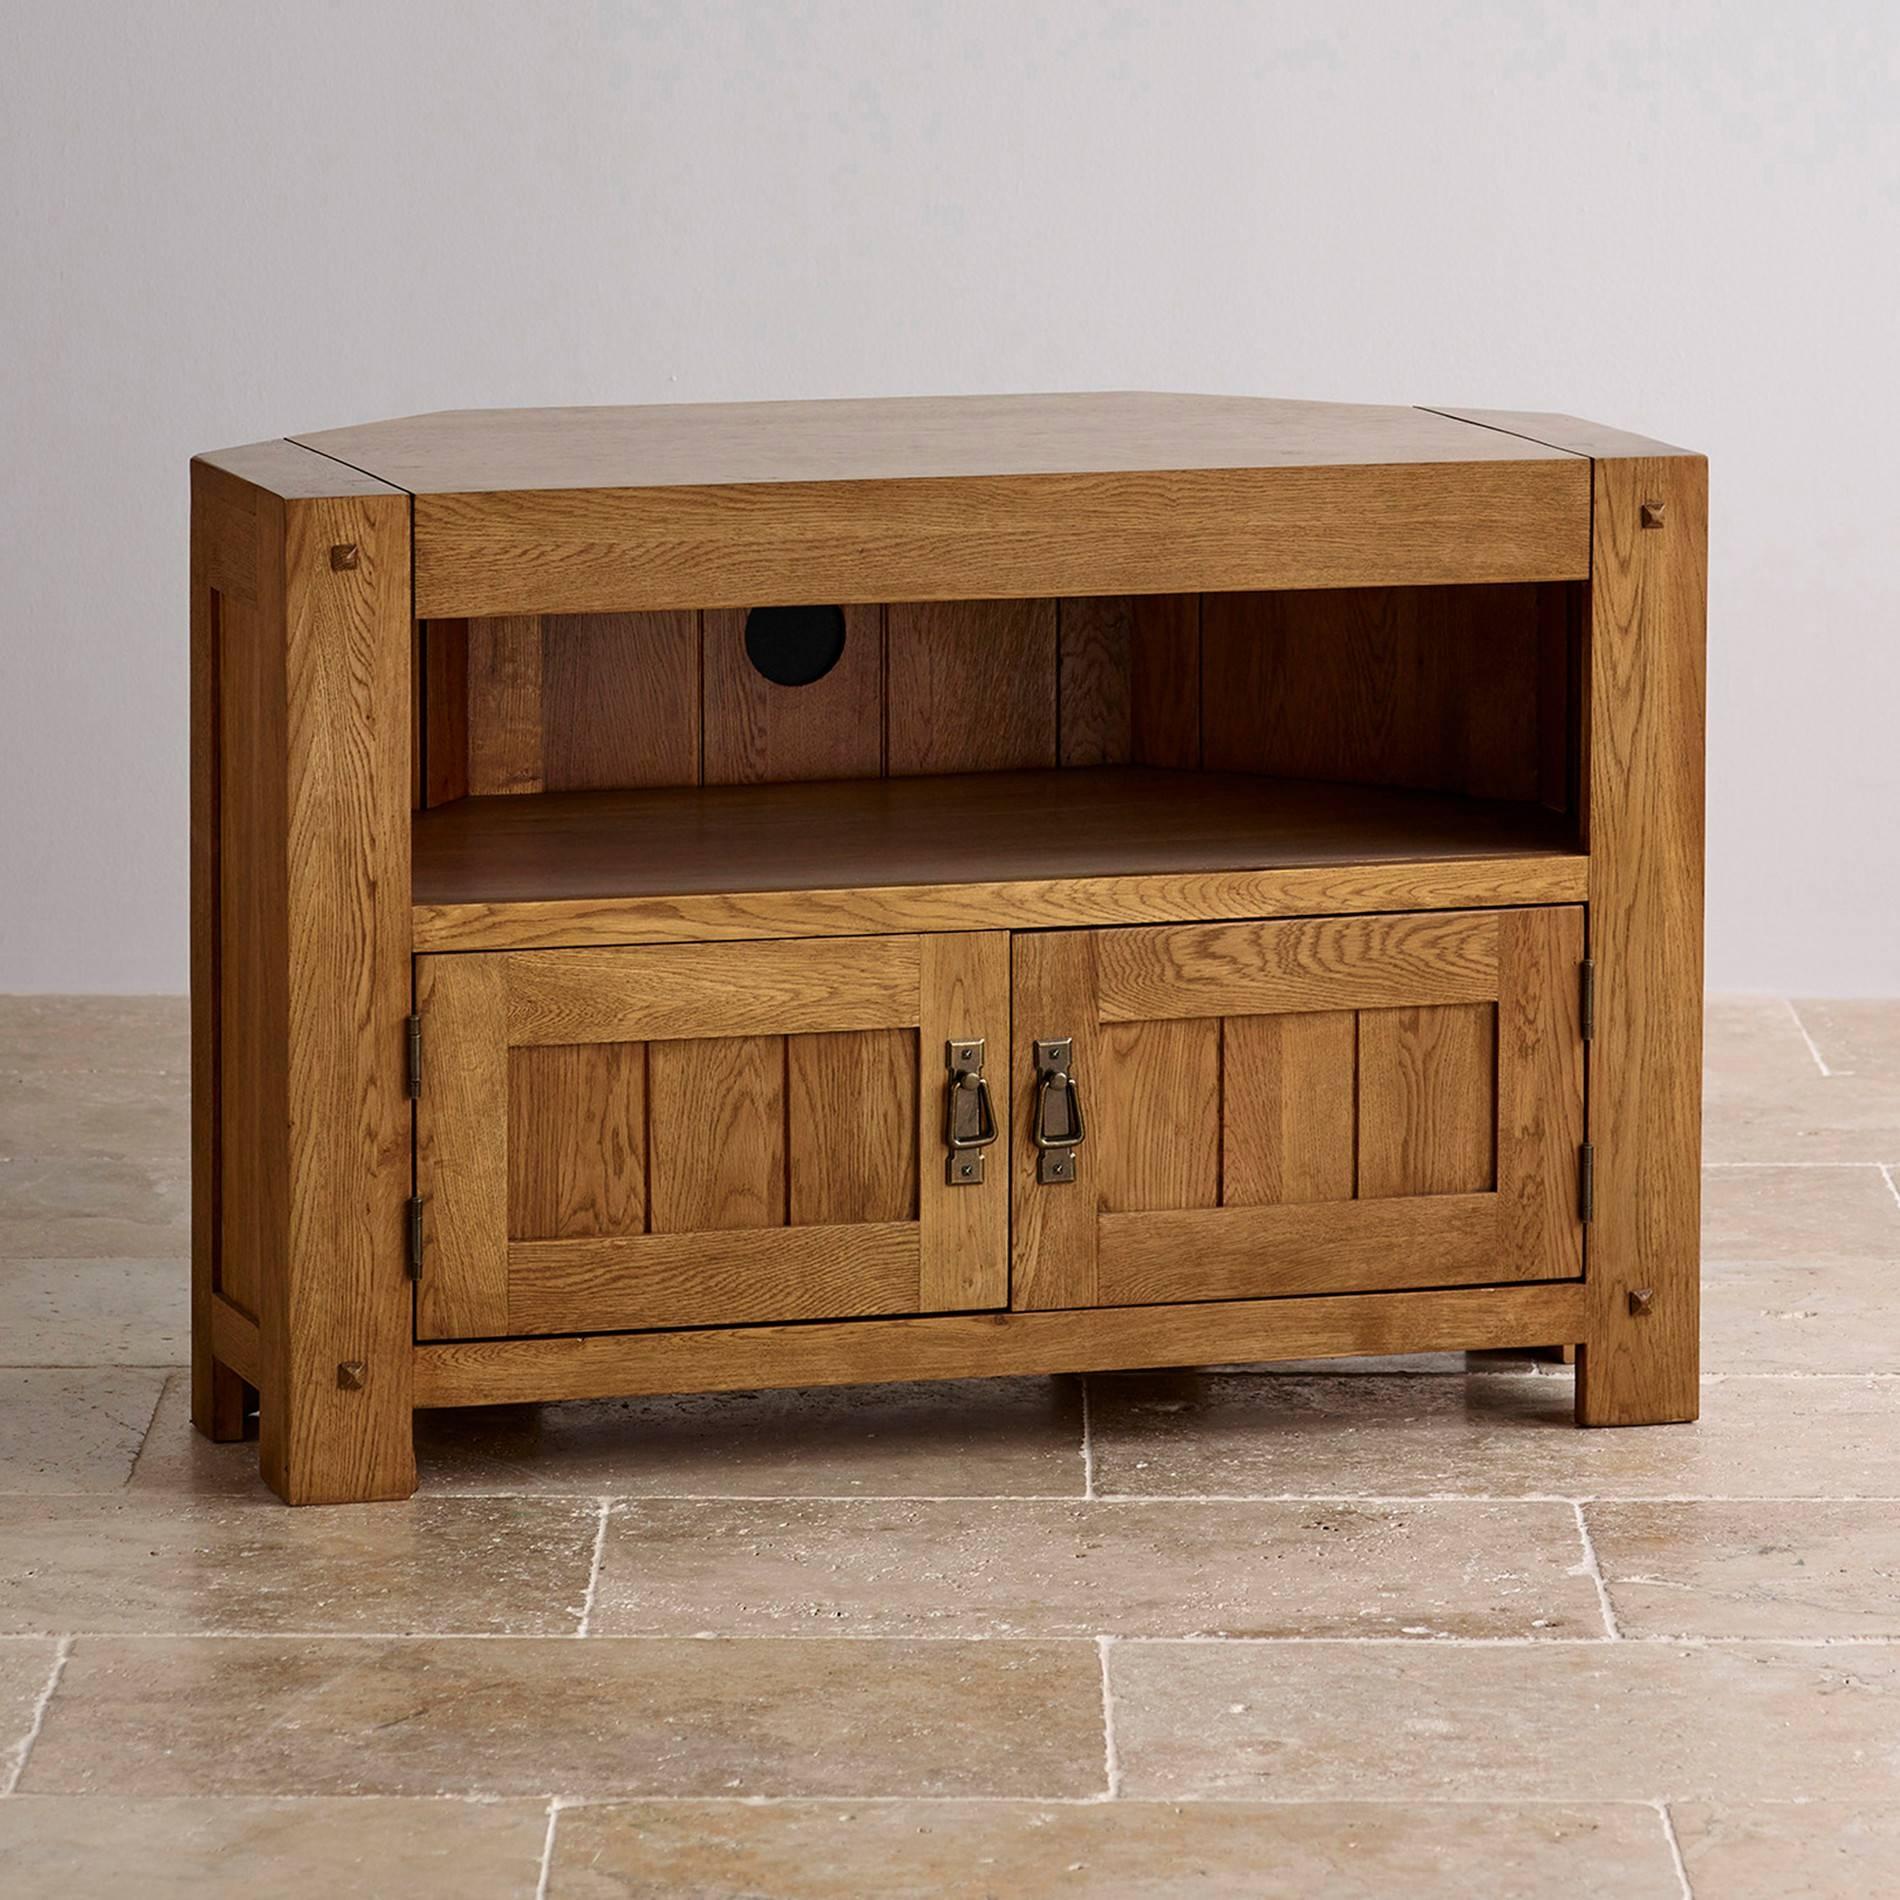 Quercus Corner Tv Cabinet In Rustic Oak | Oak Furniture Land Inside Oak Corner Tv Cabinets (View 2 of 15)